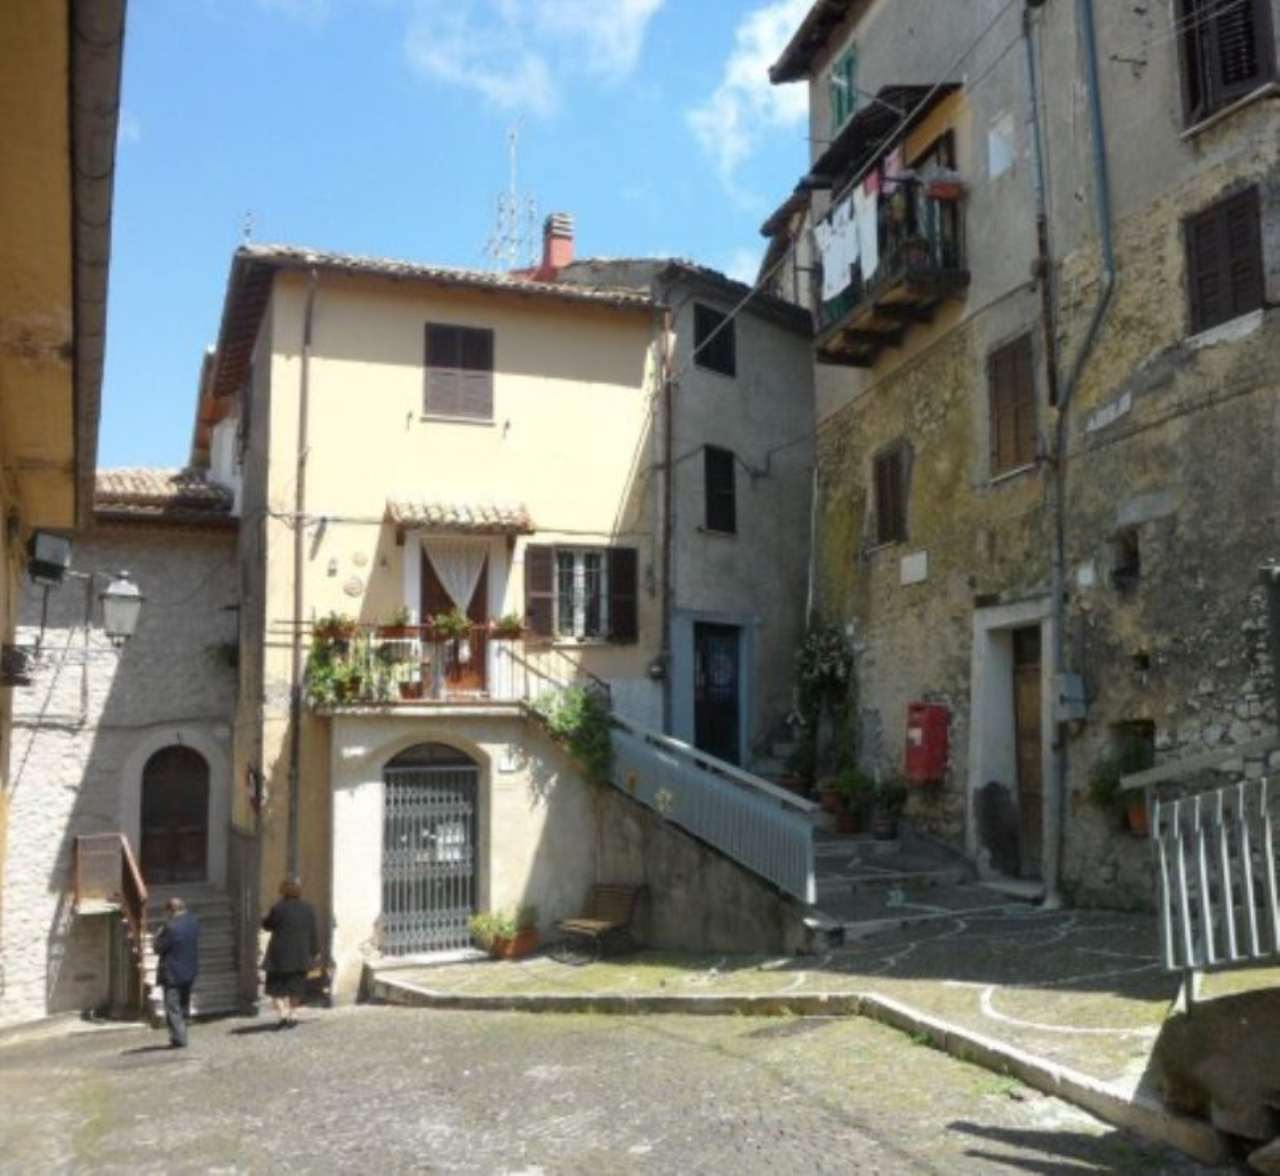 Rustico / Casale in vendita a Fiuggi, 1 locali, prezzo € 12.000 | Cambio Casa.it